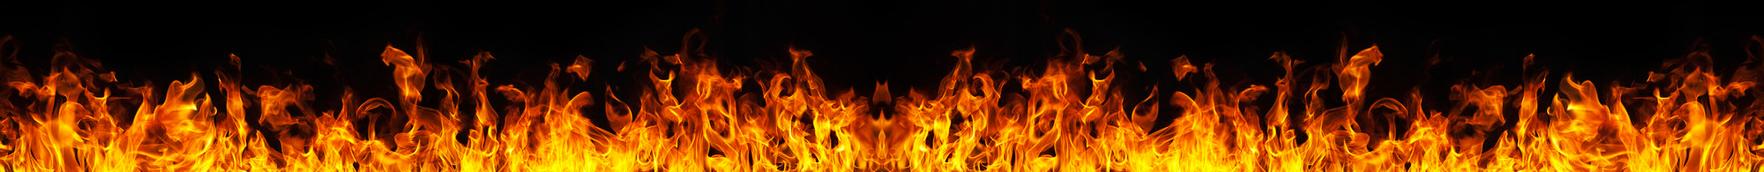 fireborder.png